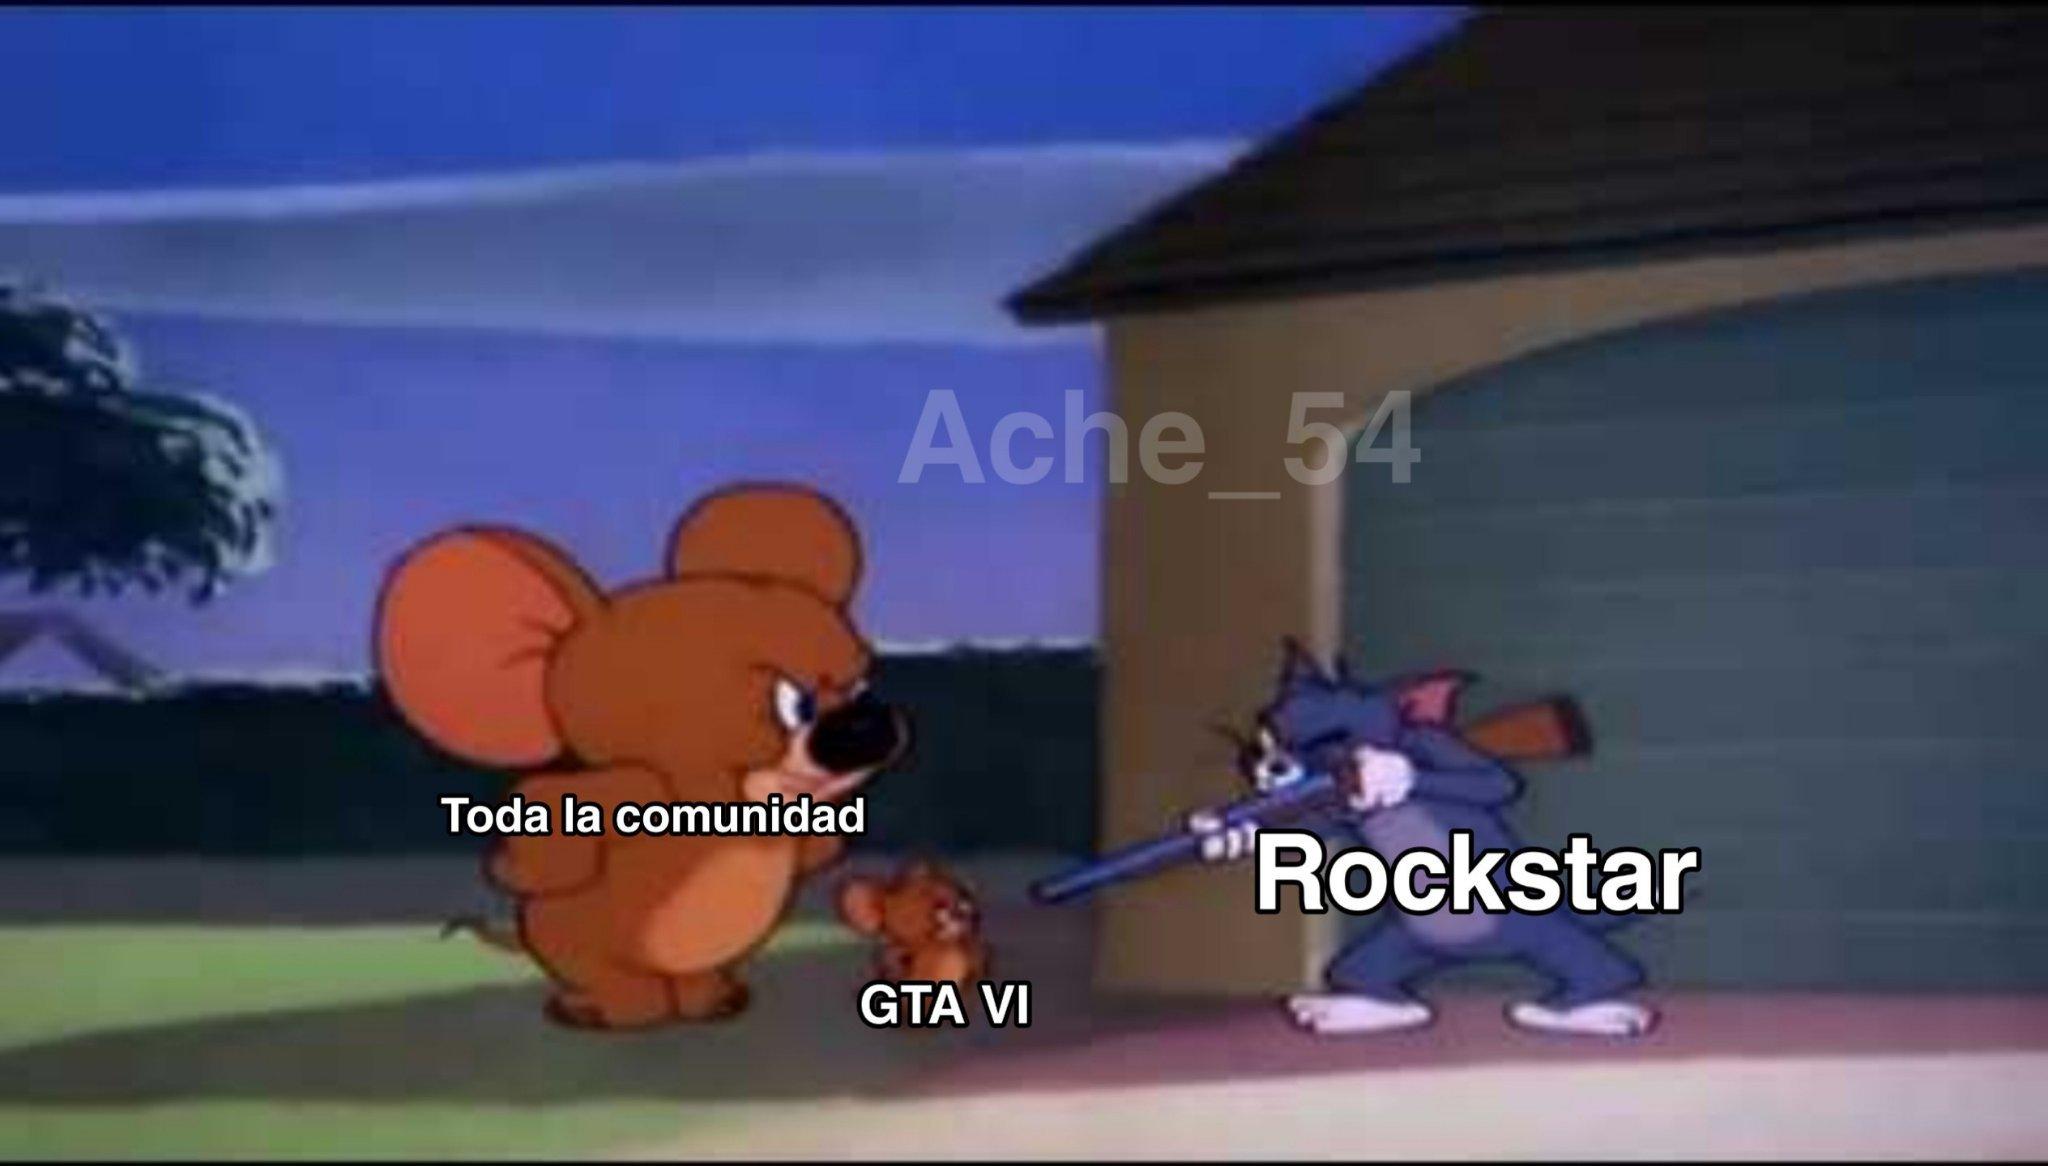 O remasterizar gt3 jaj - meme